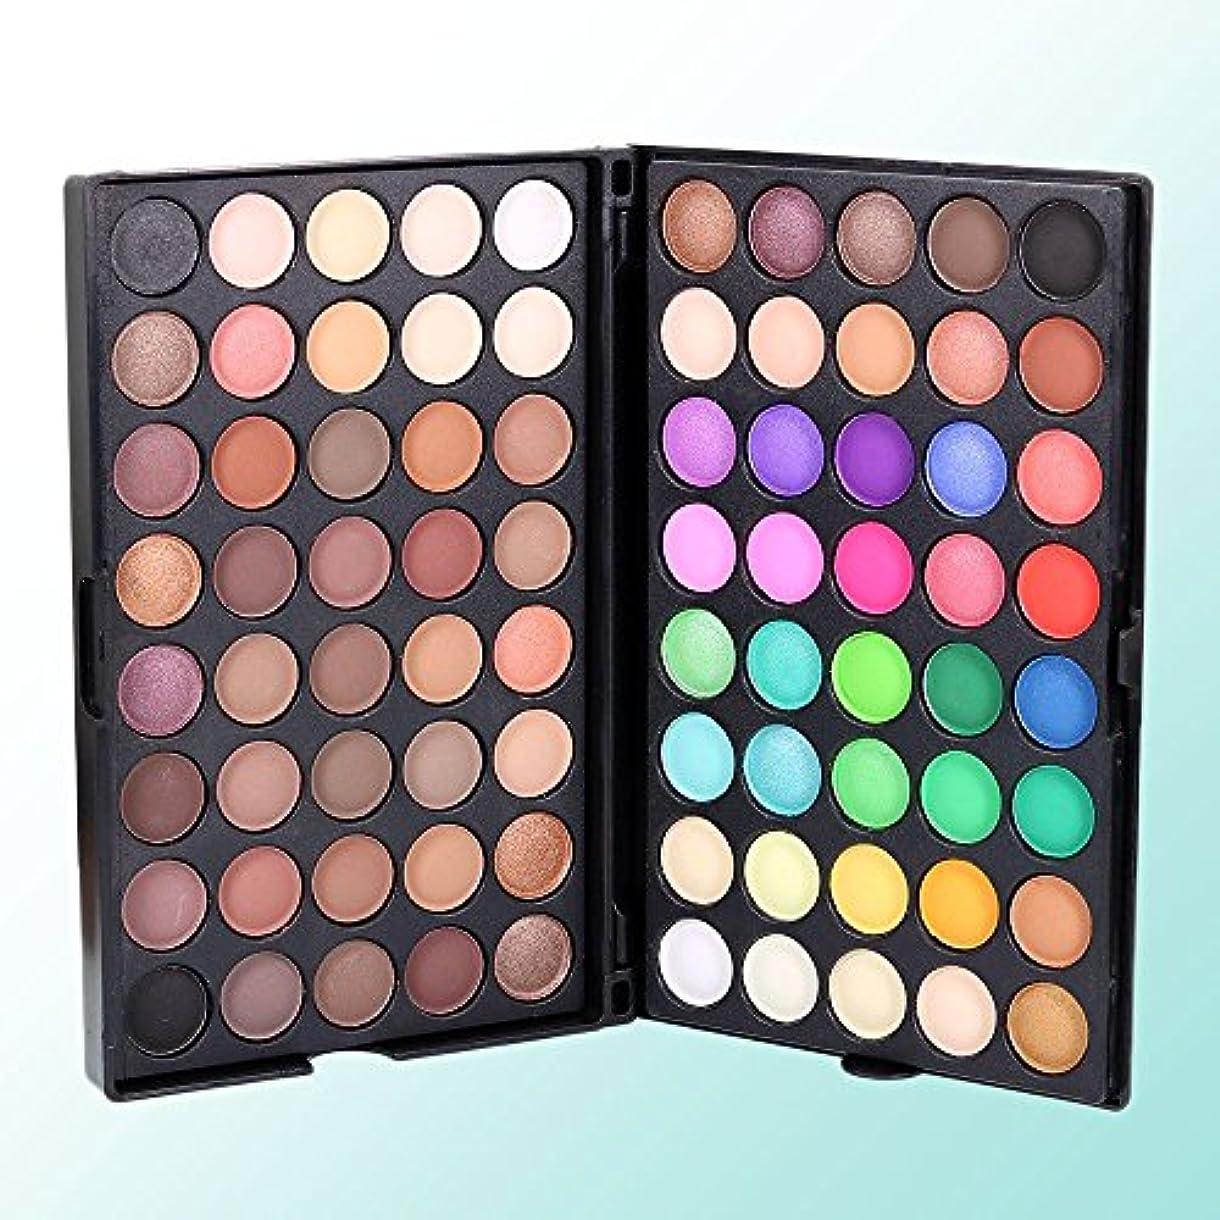 偽効能意図MSmask 80 Colors Matte Luminous Eyeshadow Cosmetic Makeup Eye Shadow Colorful Gift